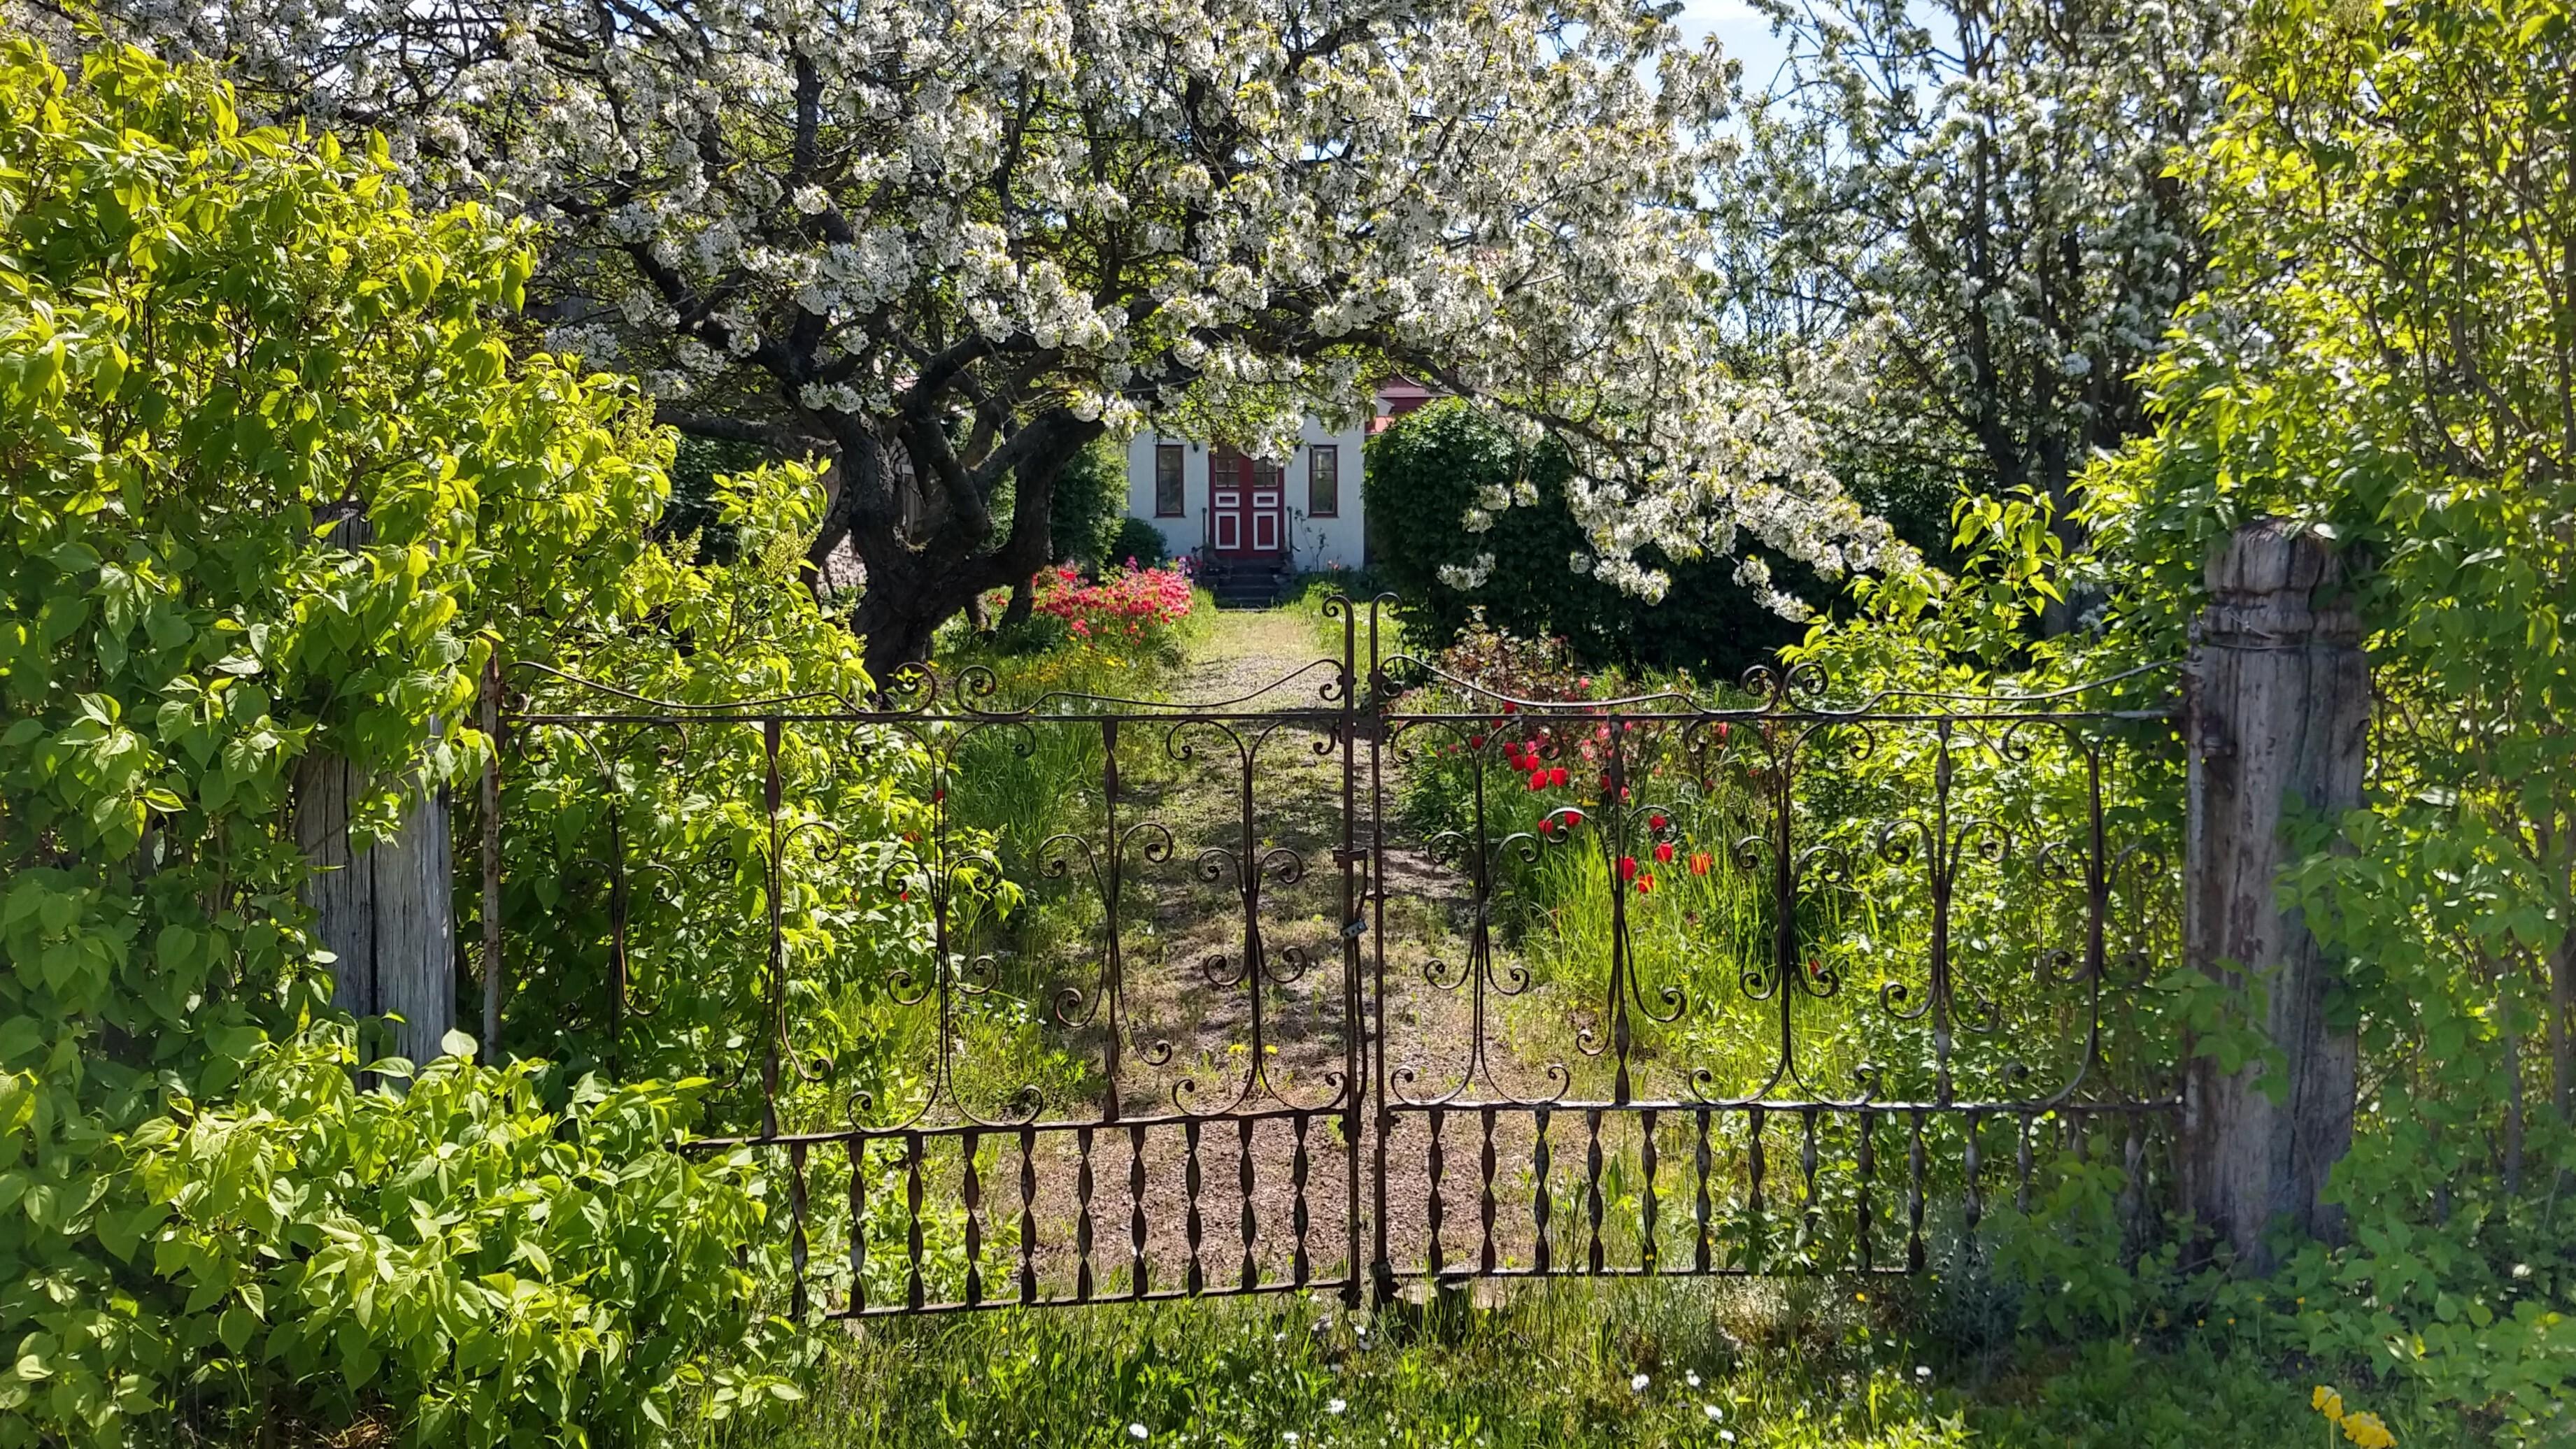 Grind mot sommarträdgård med blommande fruktträd framför hus på Öland.